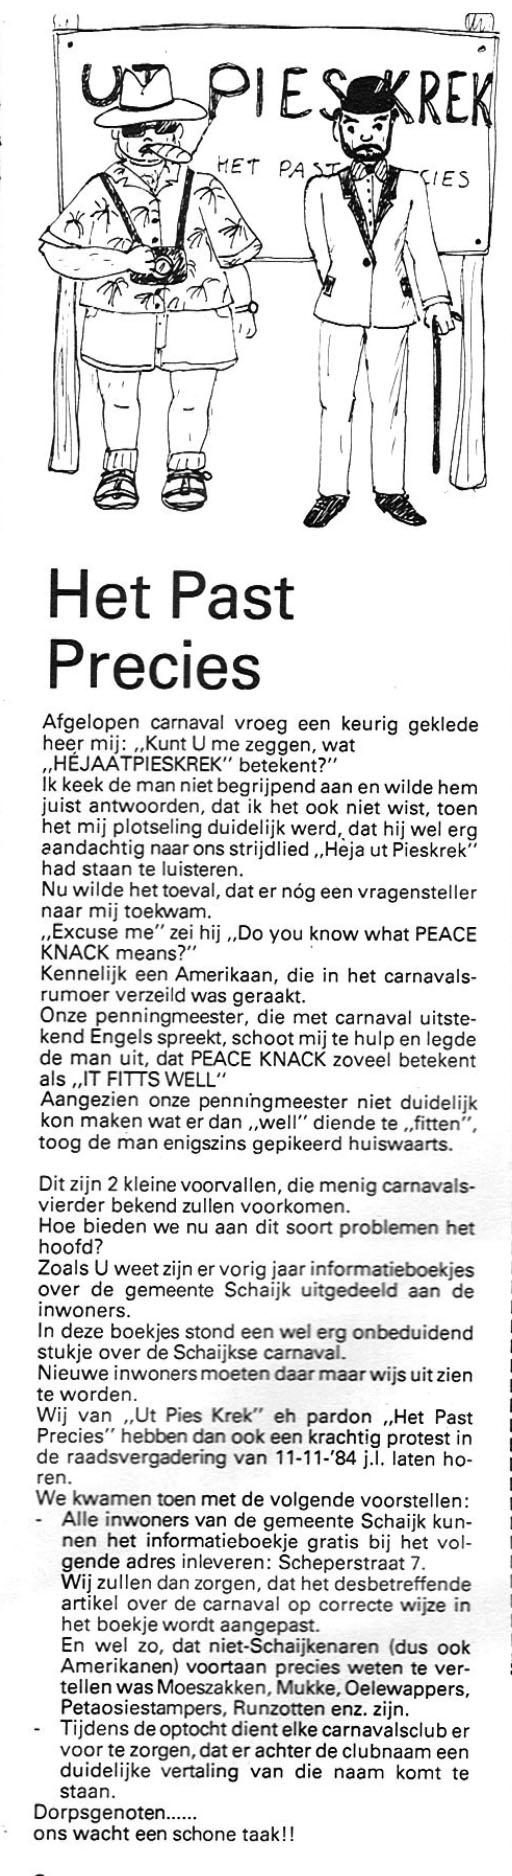 Stukje uit de carnavalskrant van Ut Pies Krek - 1985